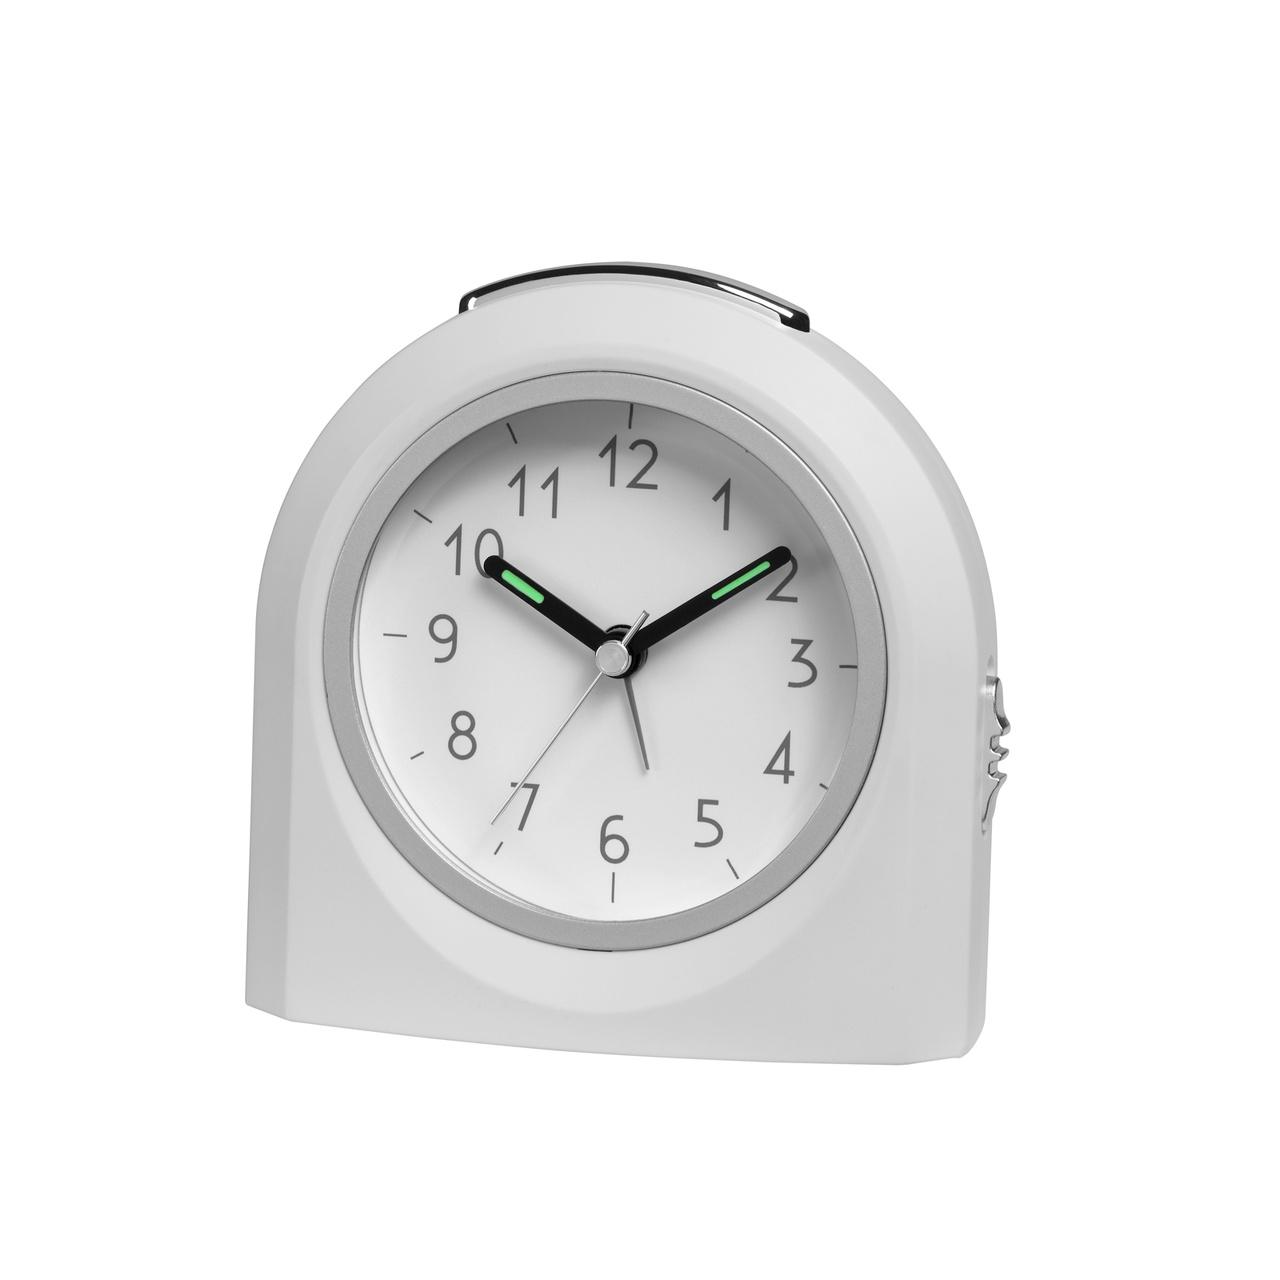 Shoppa Moretime väckarklocka på uropenn.se!